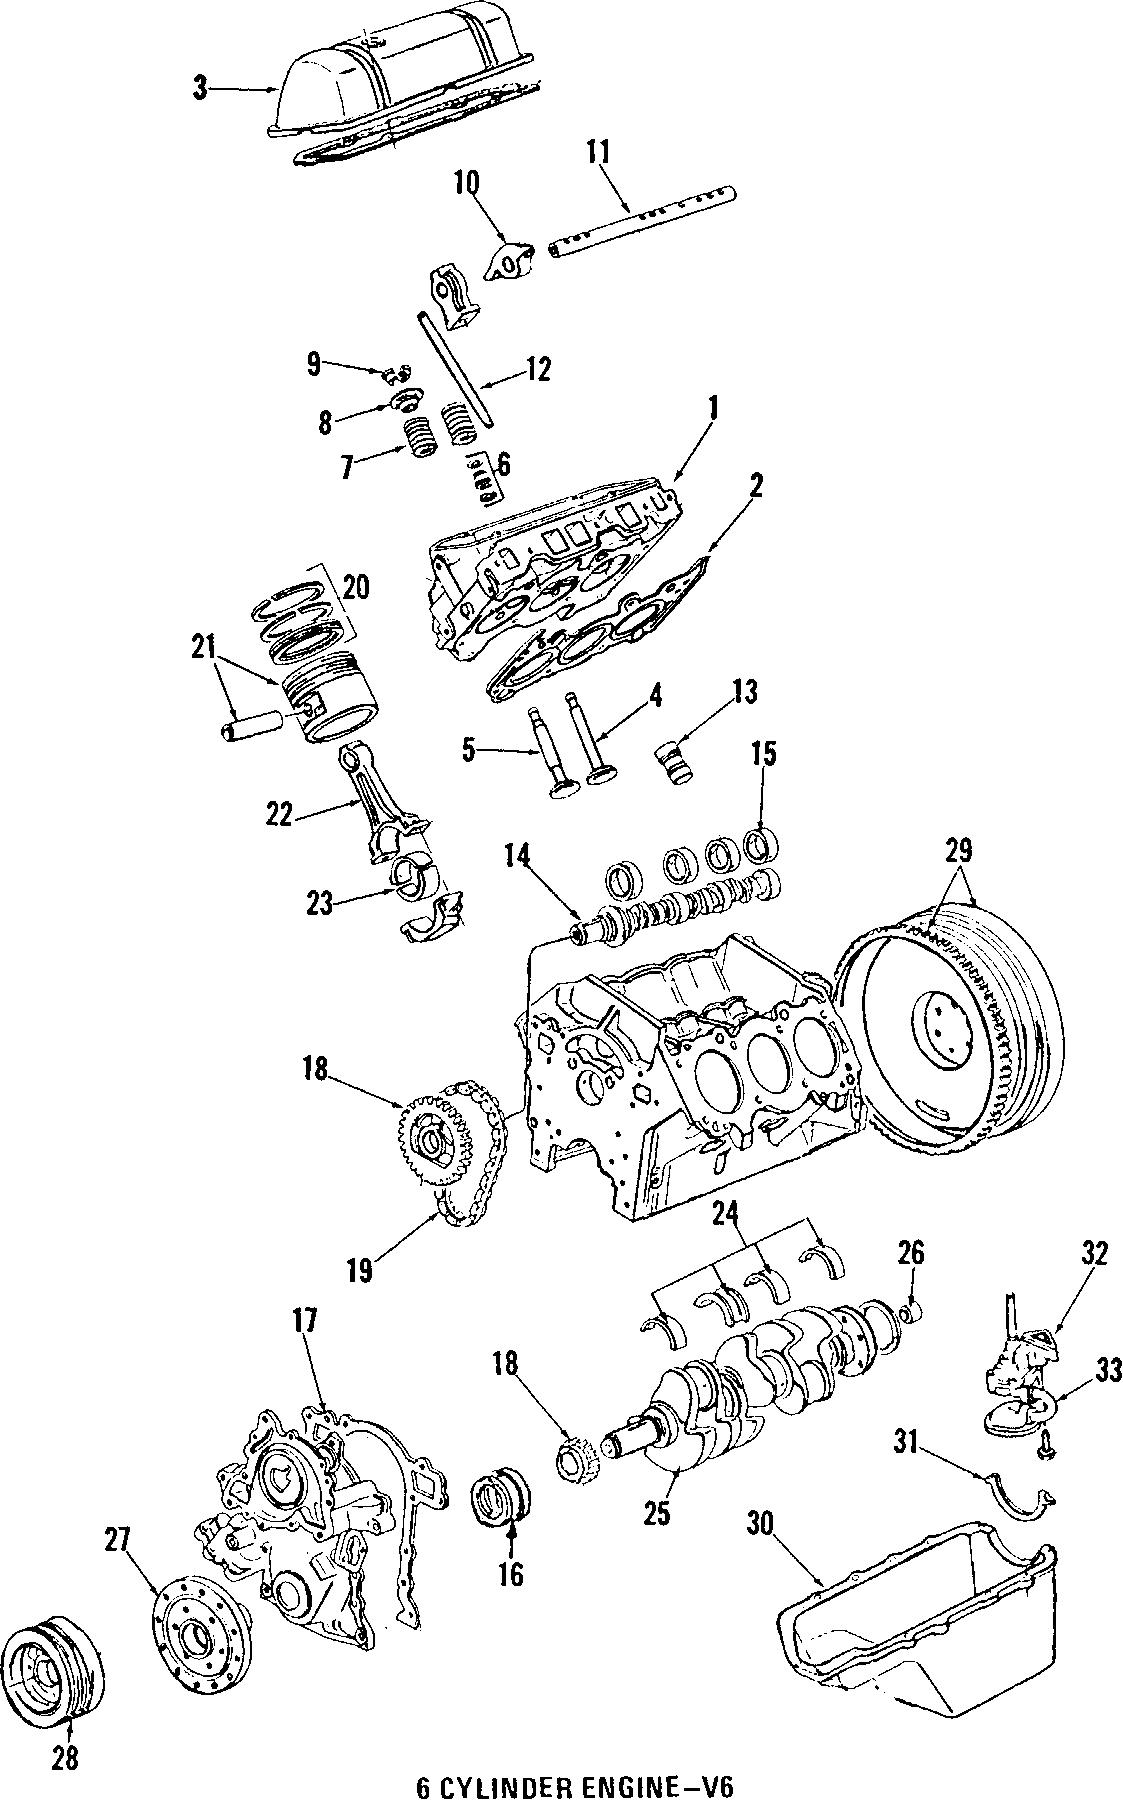 Chevrolet Camaro Engine Valve Spring Retainer Keeper